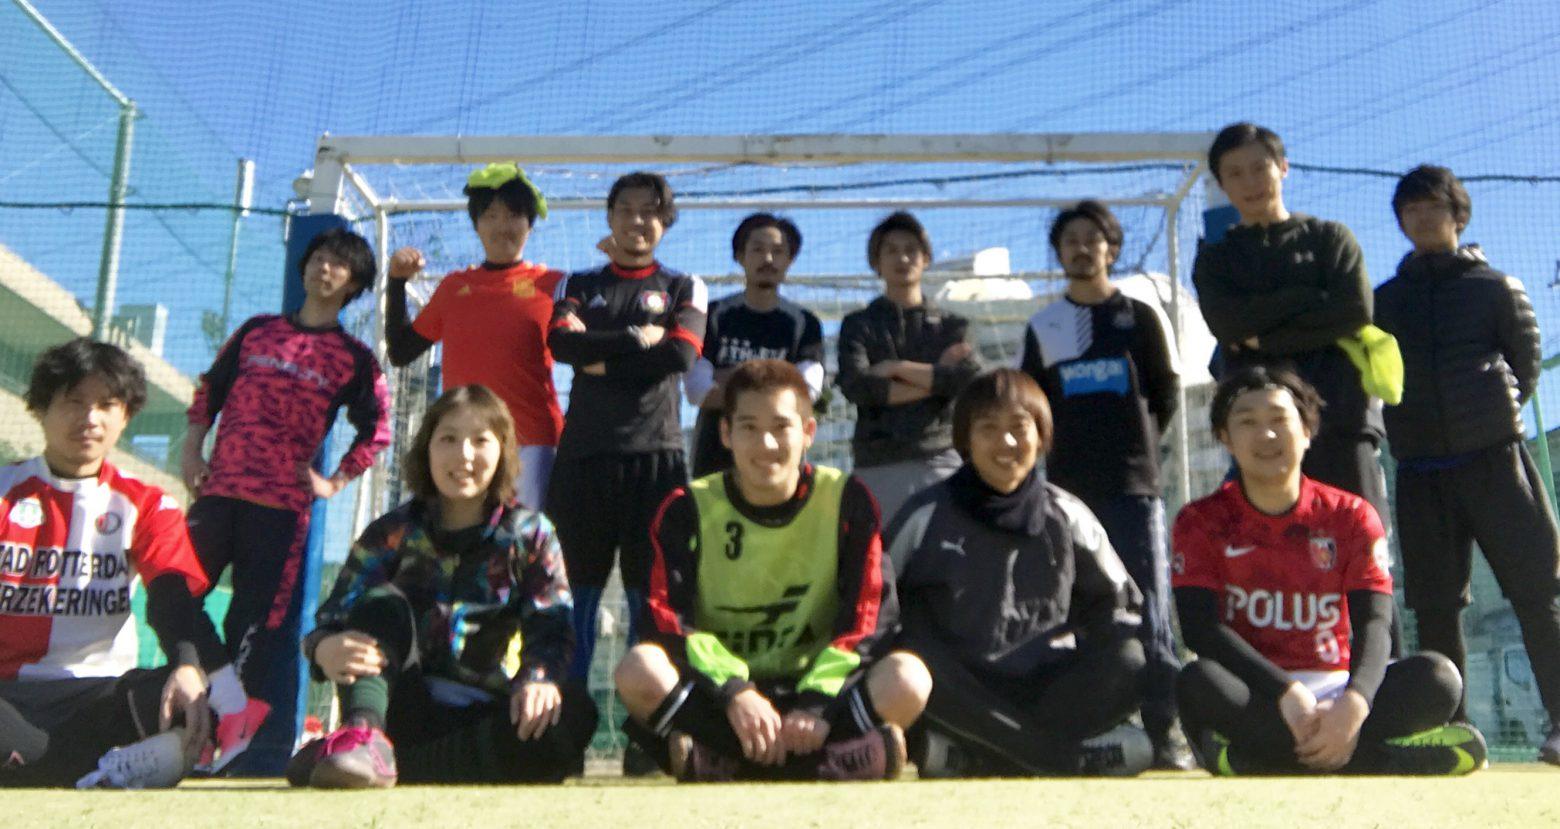 サッカー人日記。烏山ヘアデザイナーフットサルクラブ(KHDFC)でみんなのおかげで運営できてきました!